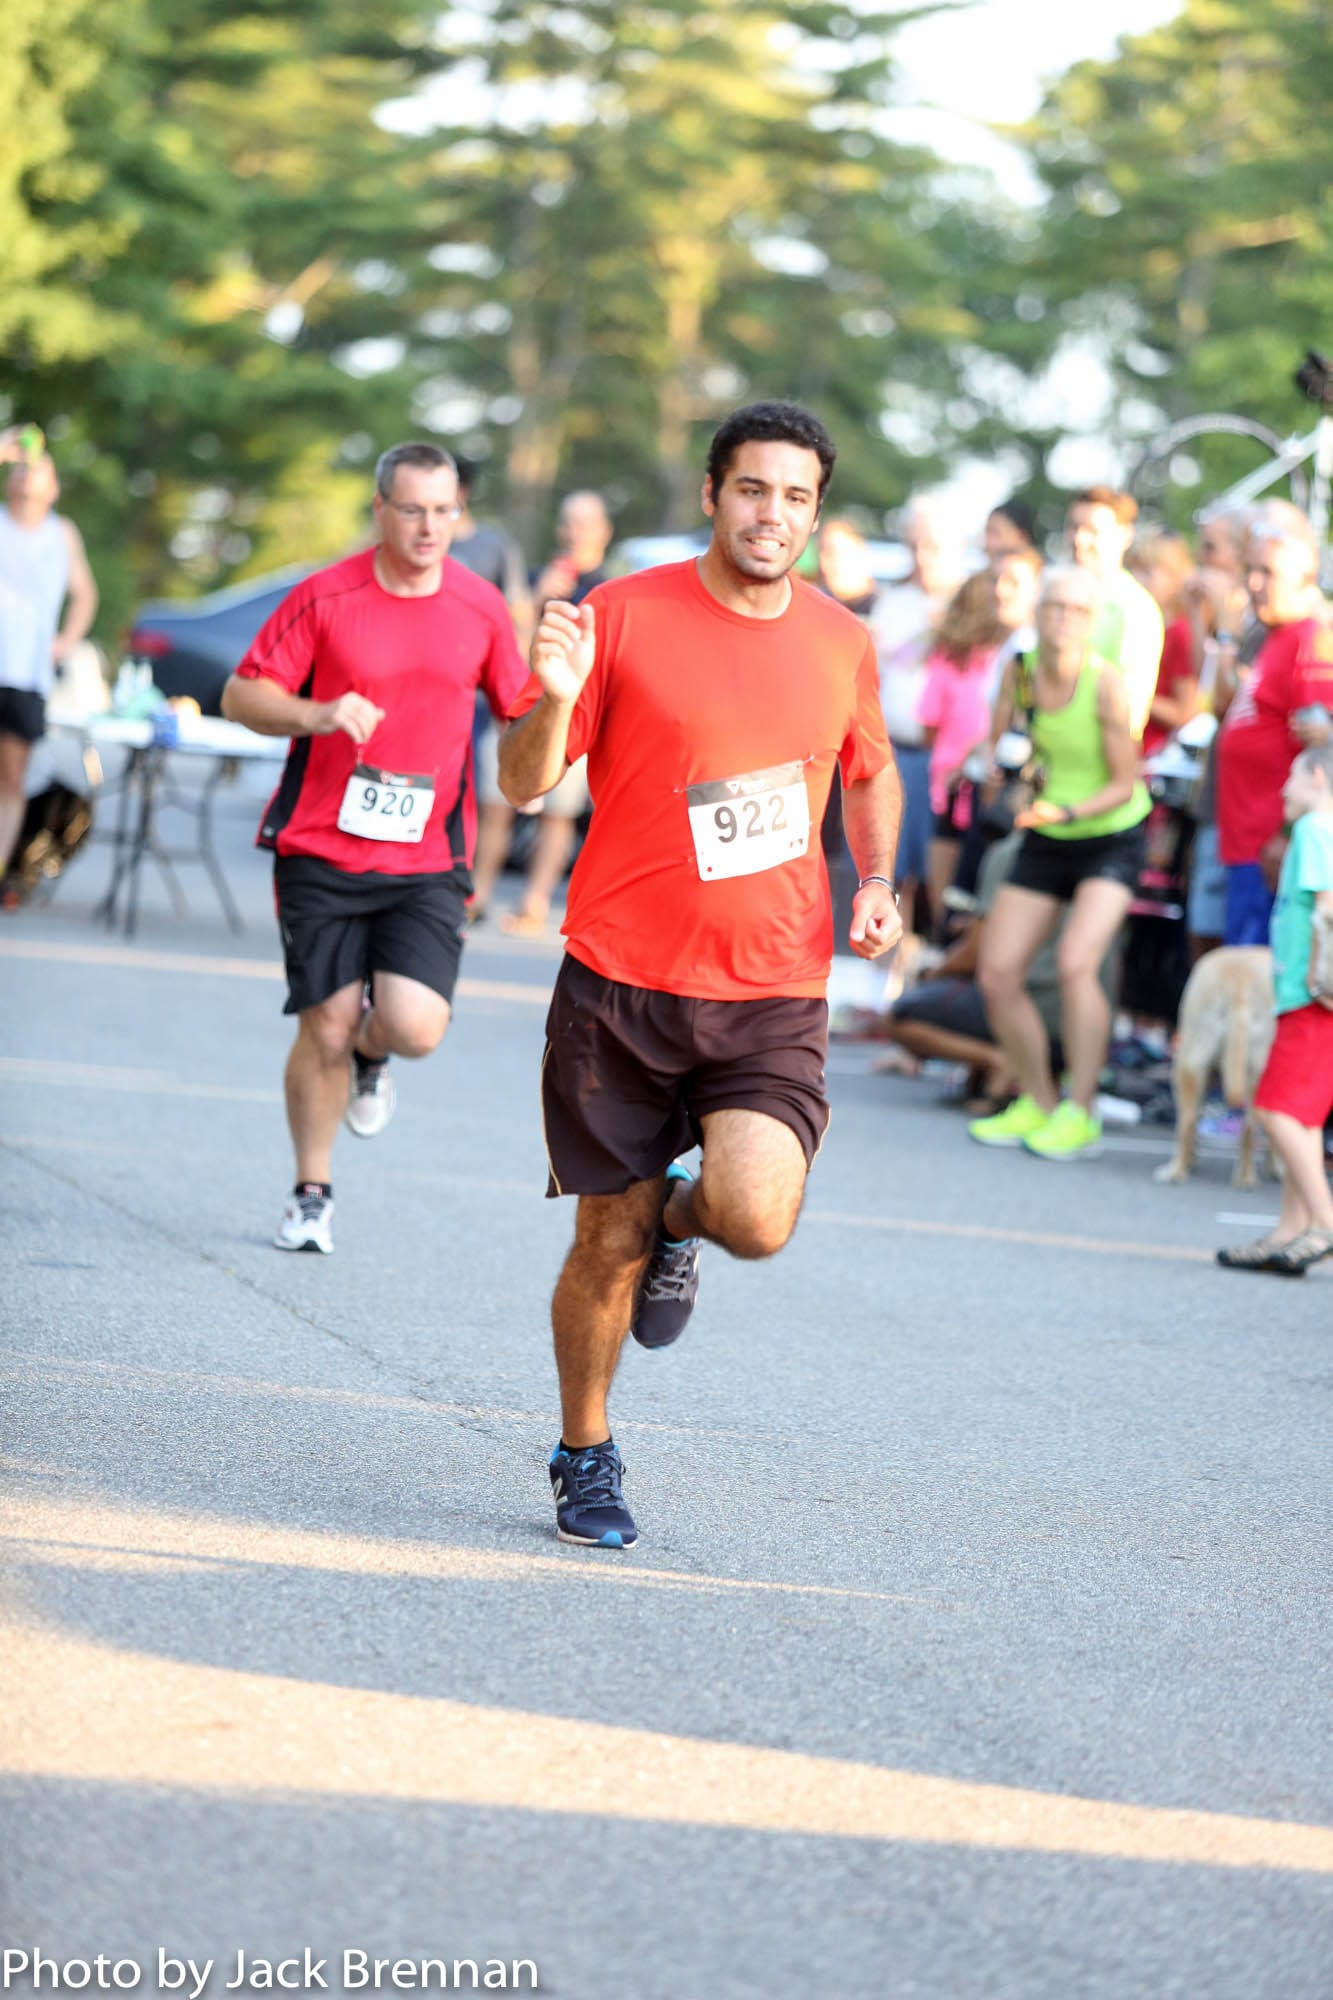 037 - Putnam County Classic 2016 Taconic Road Runners - BA3A0362